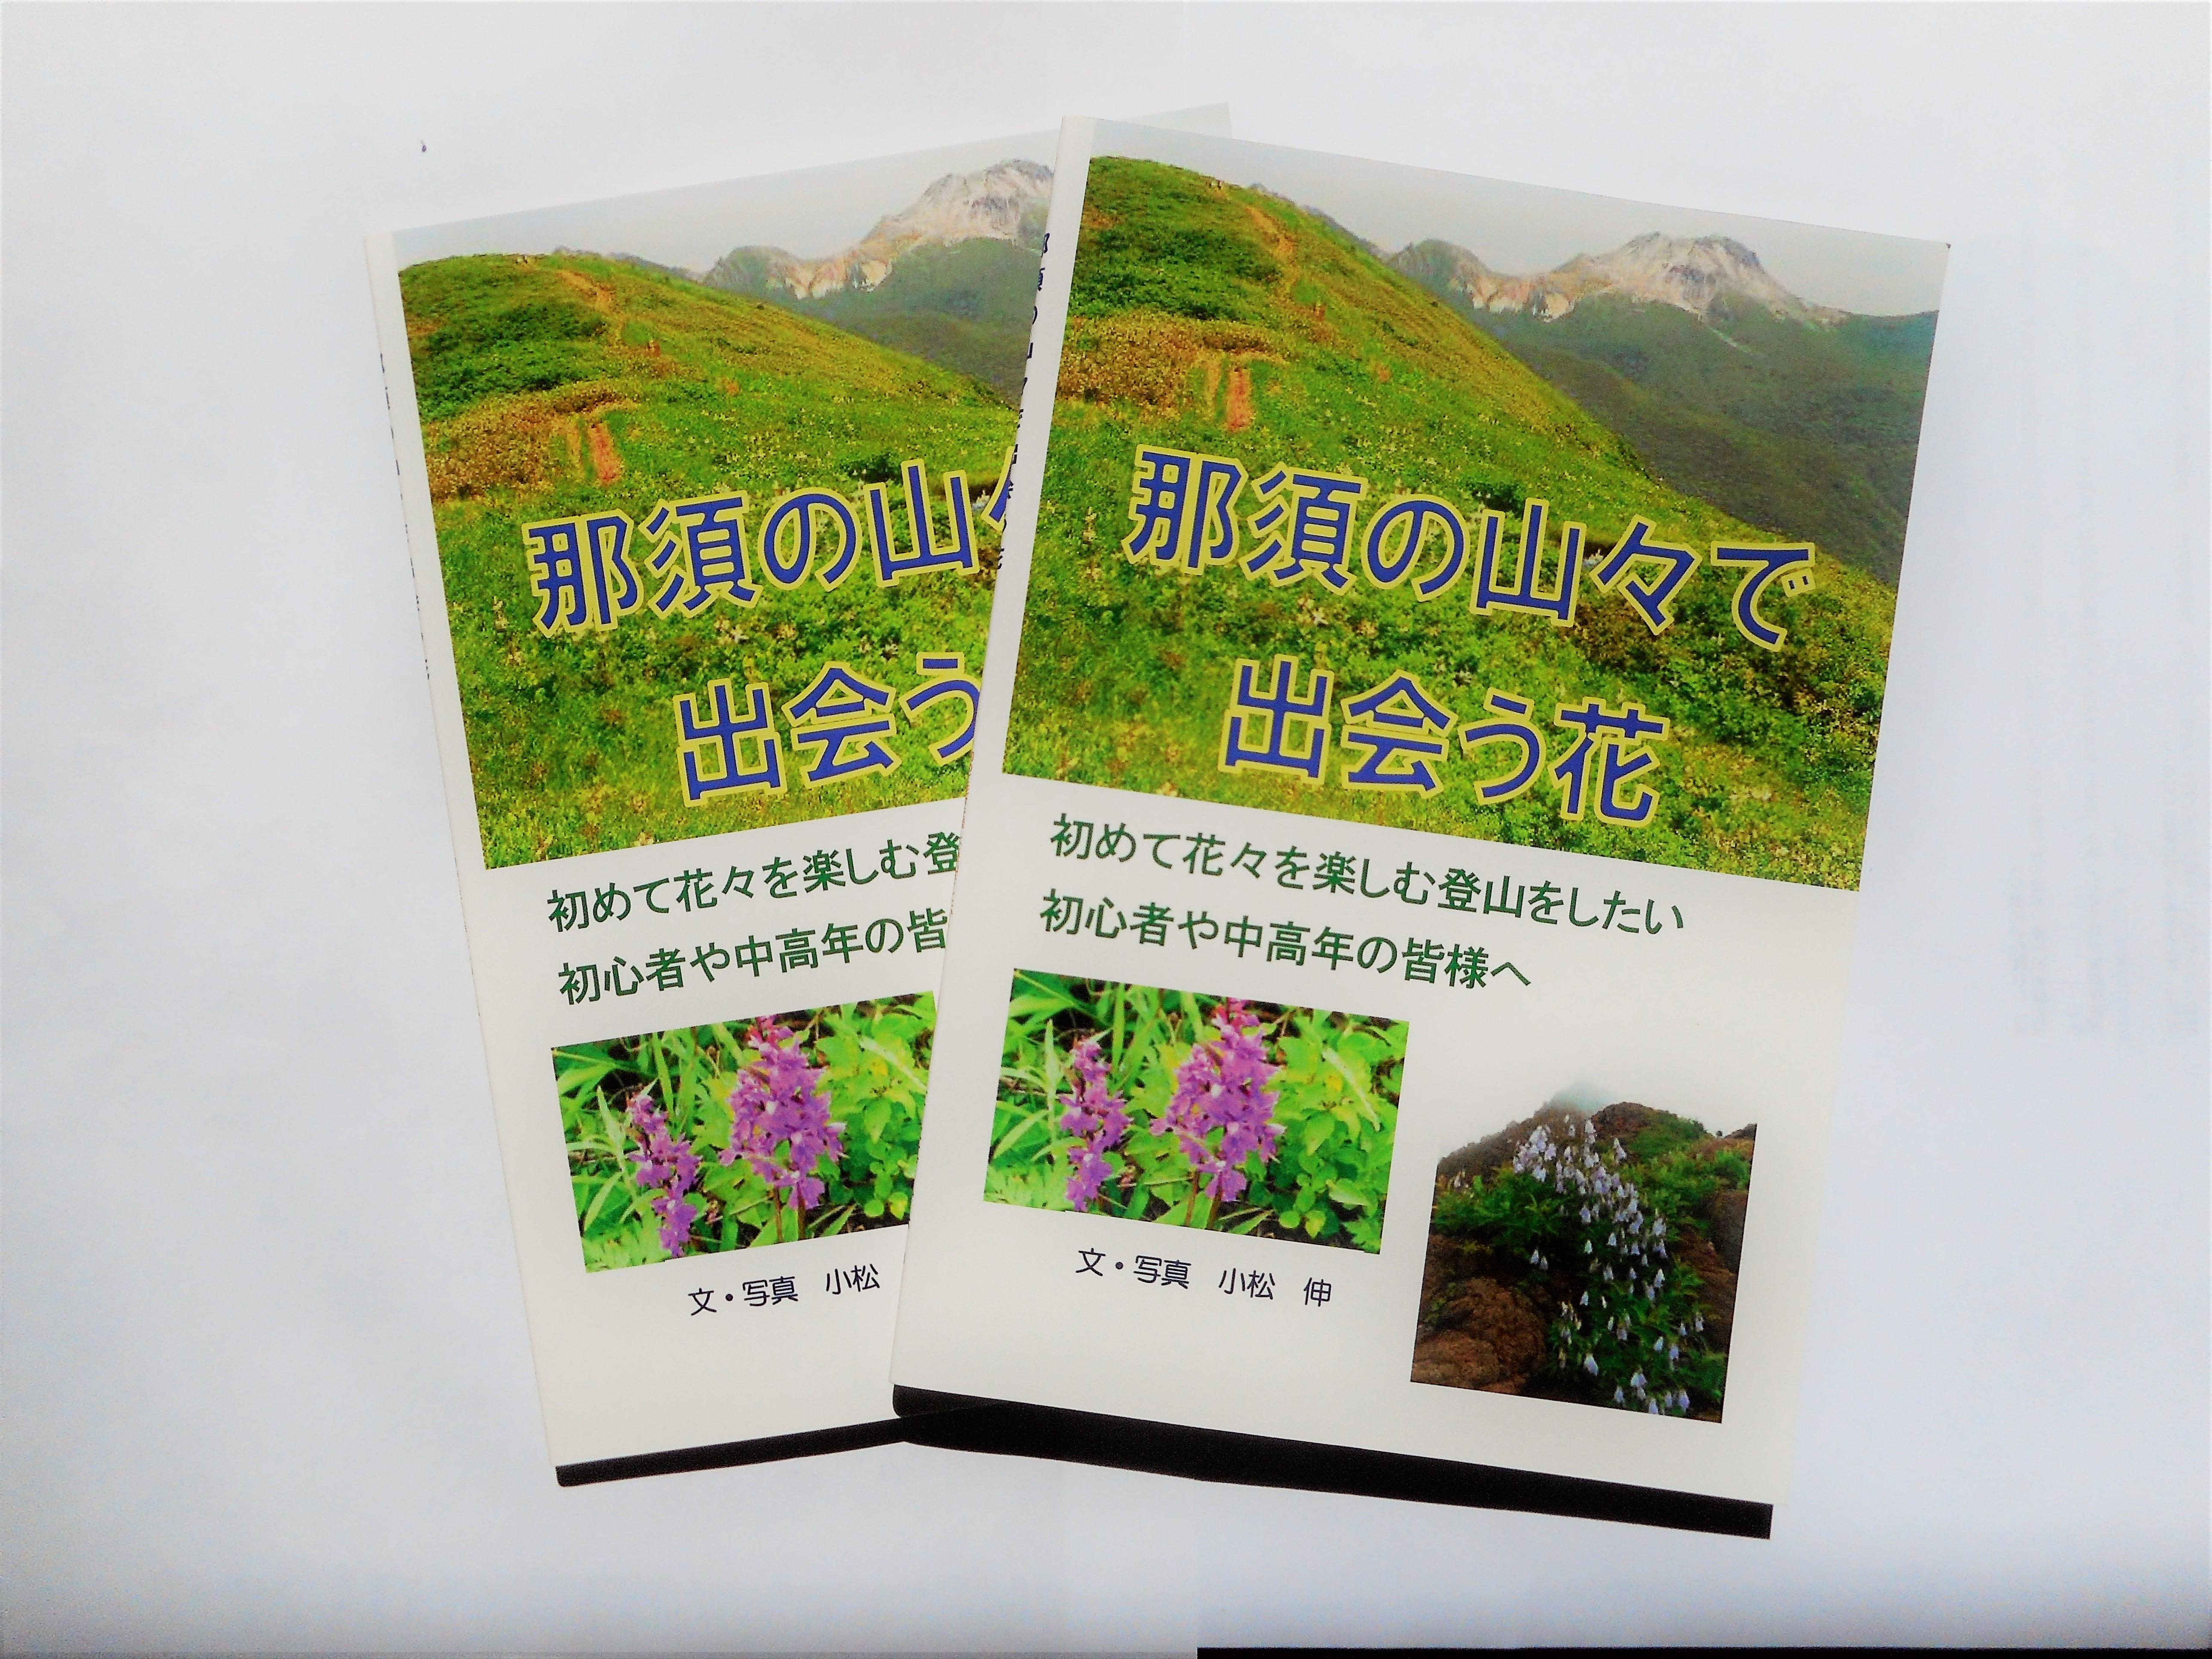 小松 伸様が実際にイシダ印刷で印刷・製本した画像